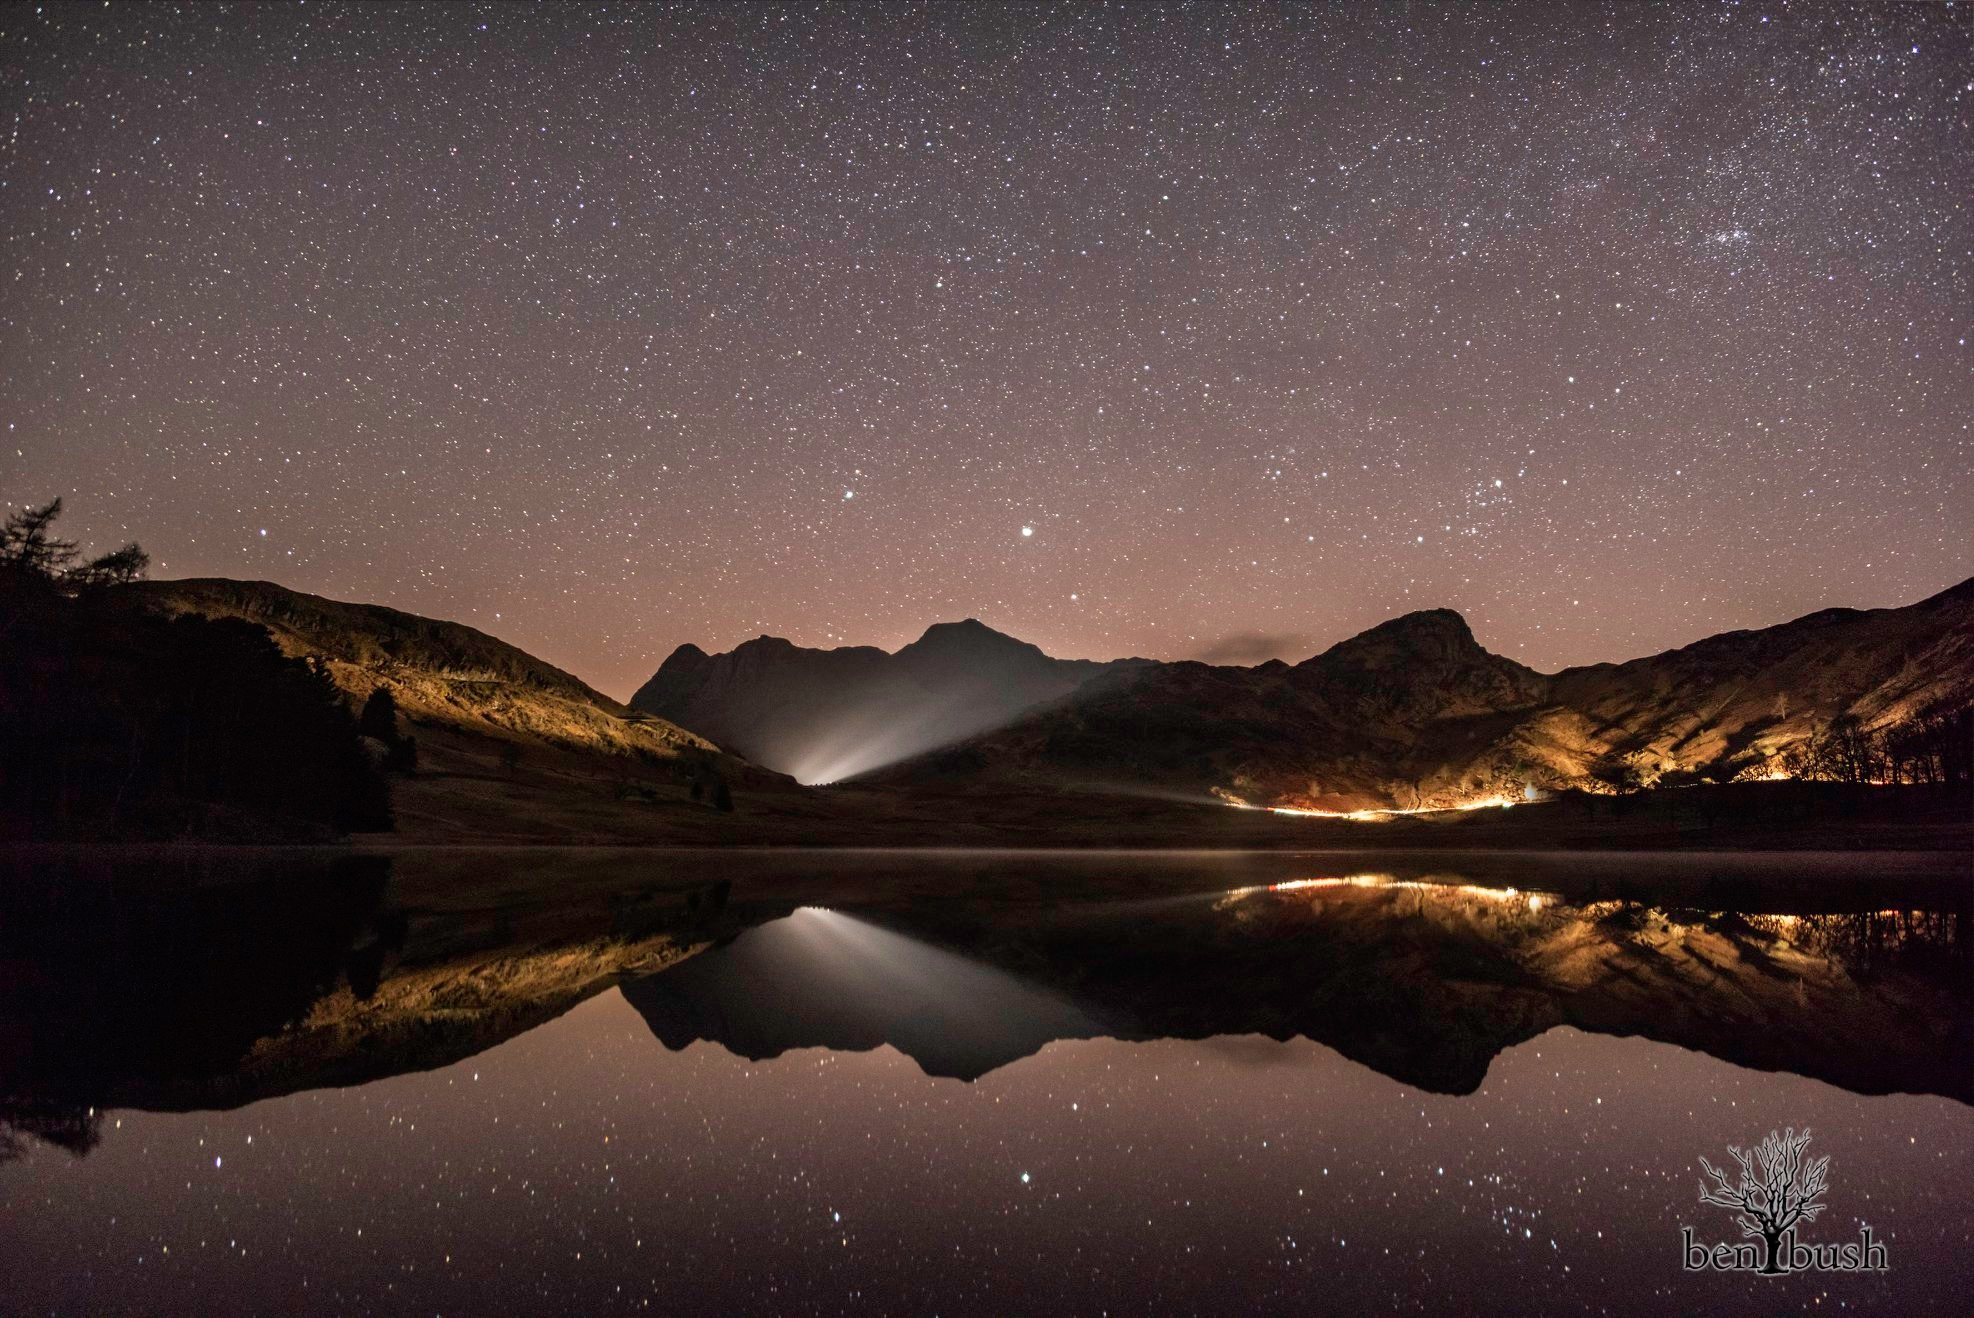 Blea Tarn Night time Ben Bush photography